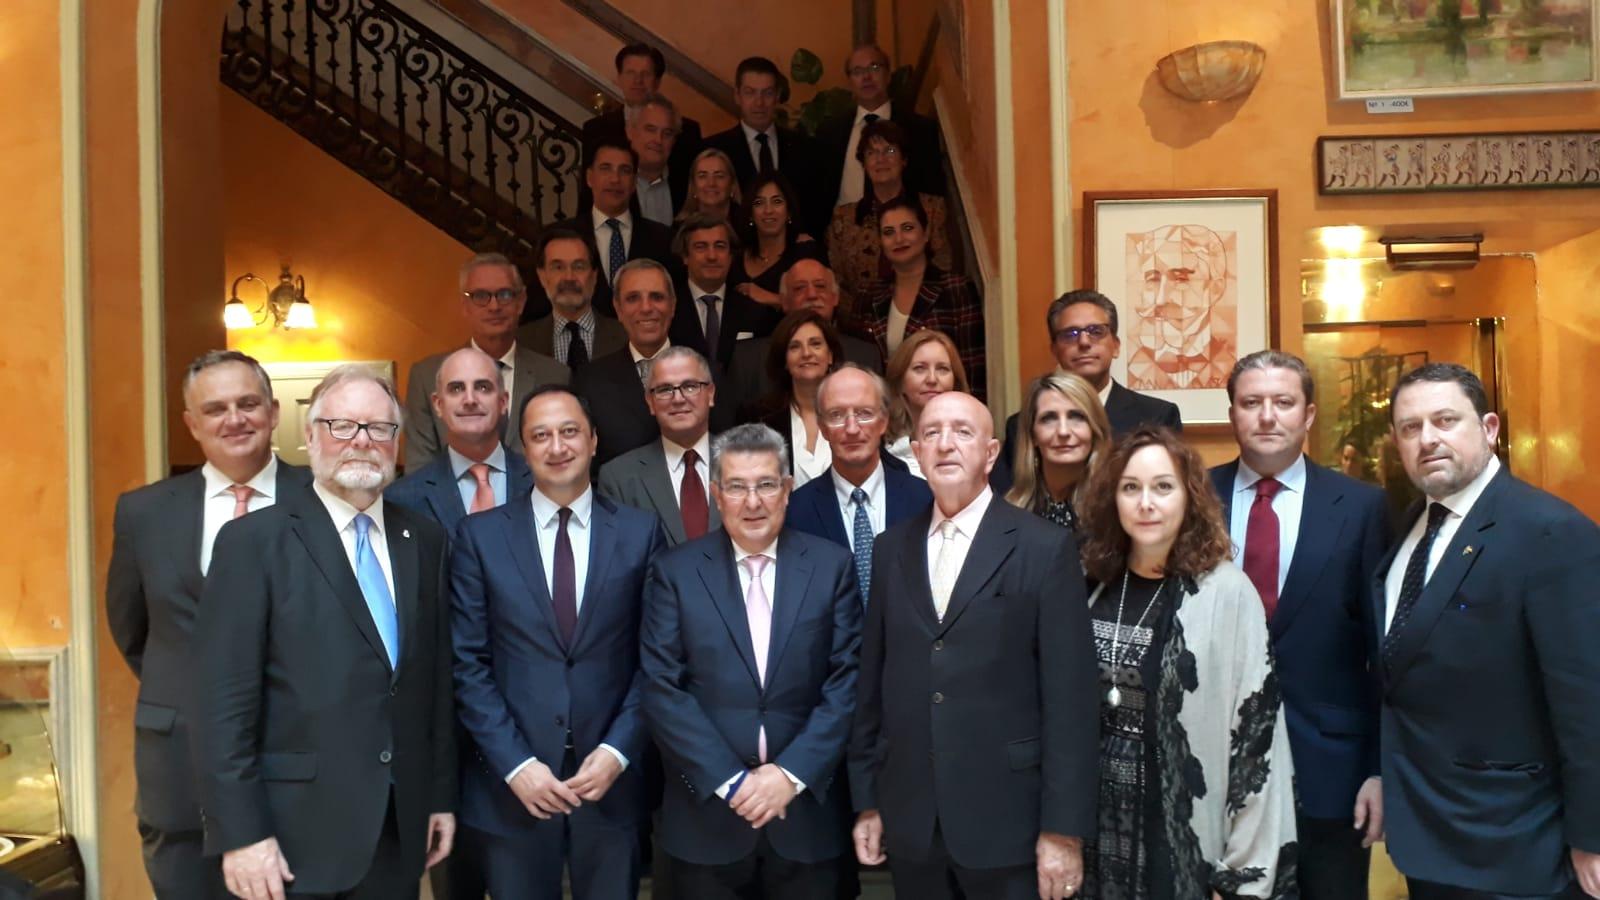 Recepción de la Asociación Cuerpo Consular de Sevilla a los Sres Delegados y Subdelegados del Gobierno de España, respectivamente en Sevilla